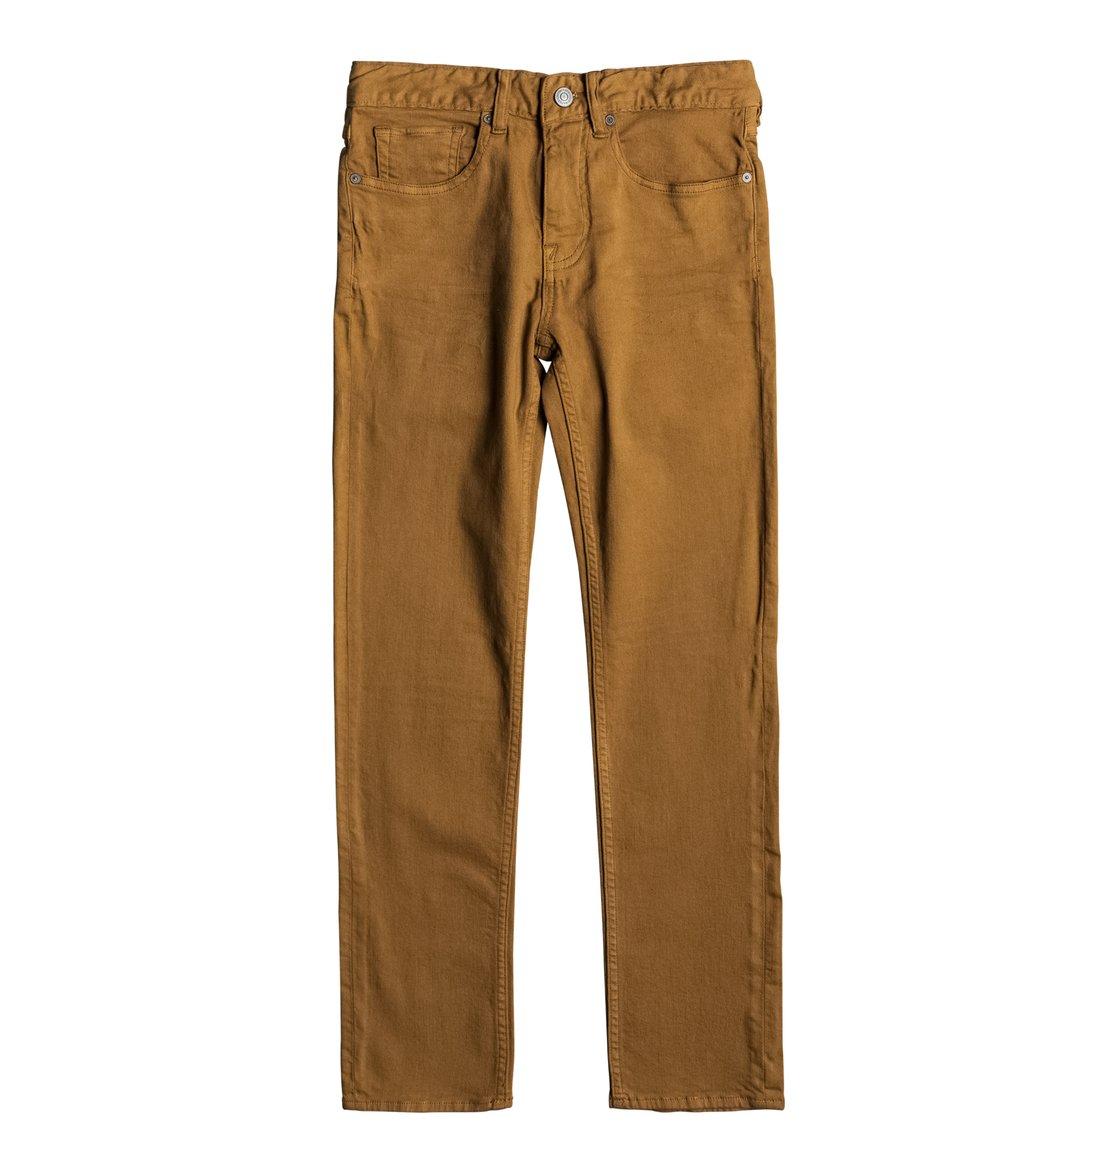 Узкие джинсы Sumner Slim от DC Shoes